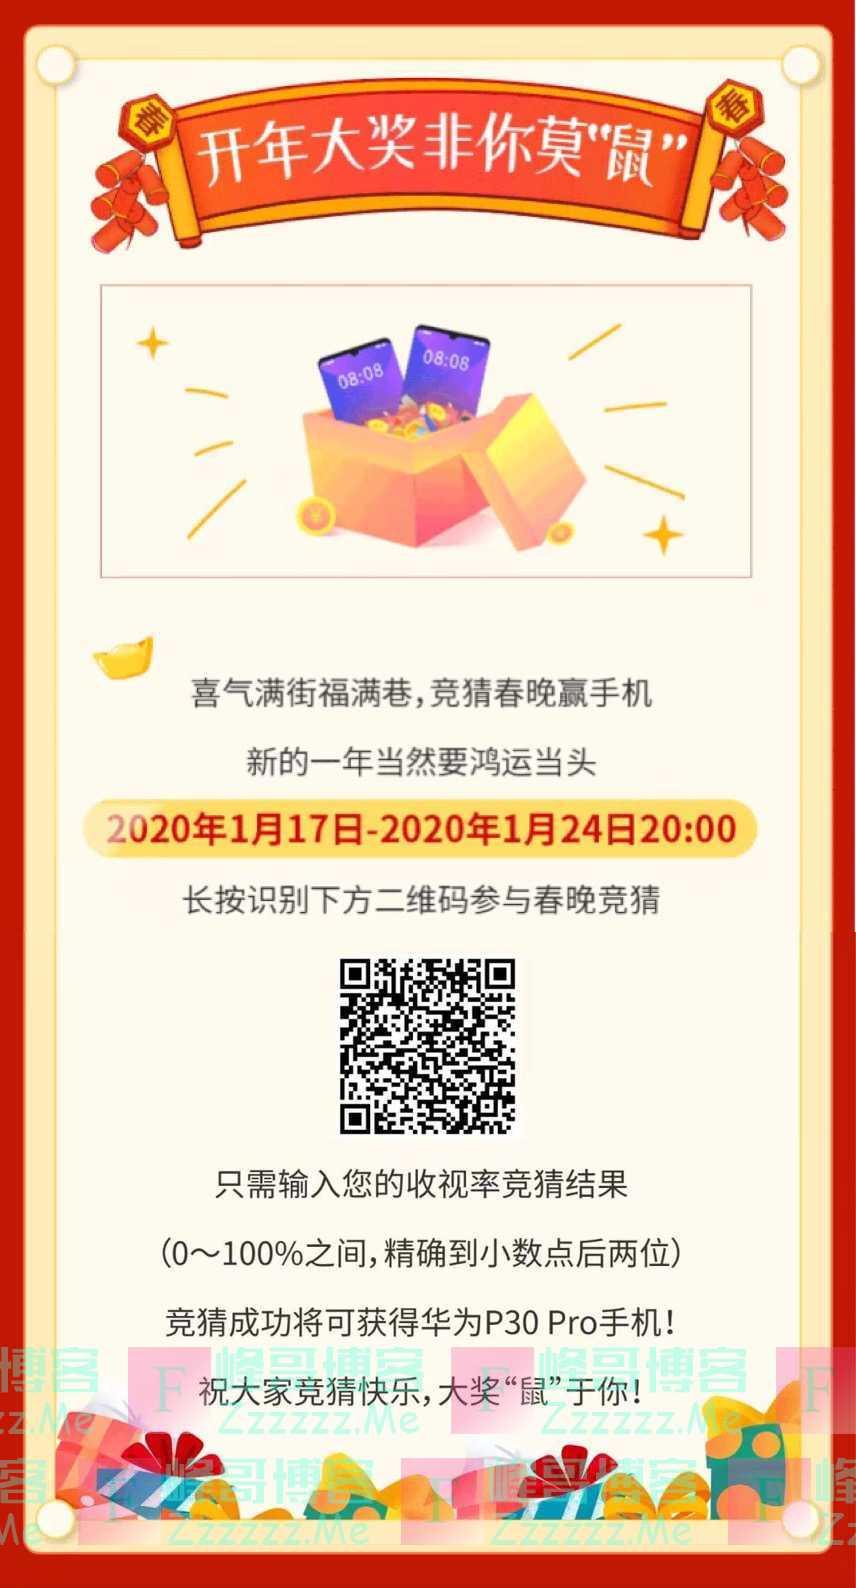 平安银行猜春晚,赢手机(1月24日截止)